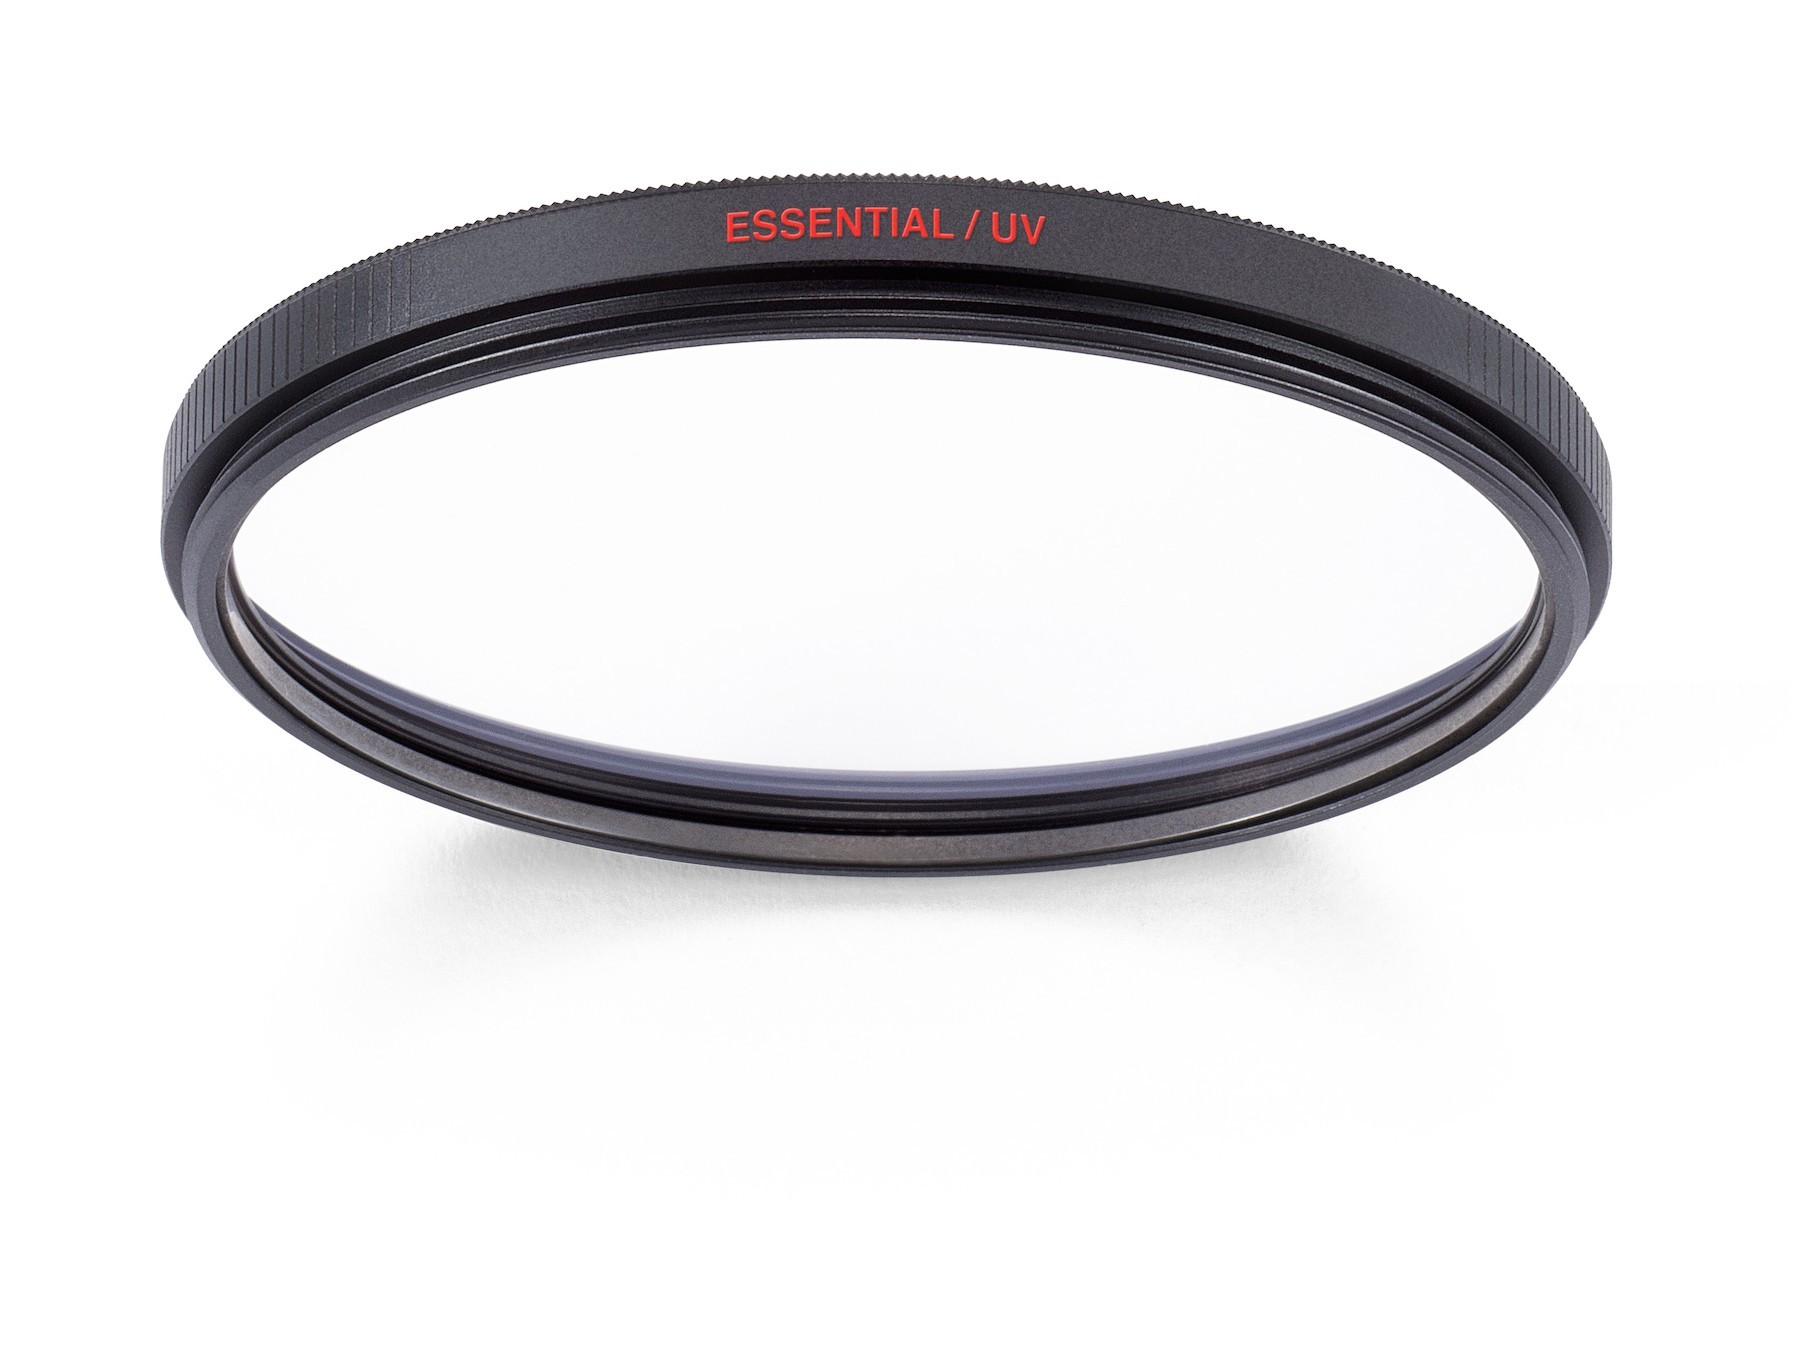 Manfrotto Filtro Polarizzatore circolare Essential 58mm